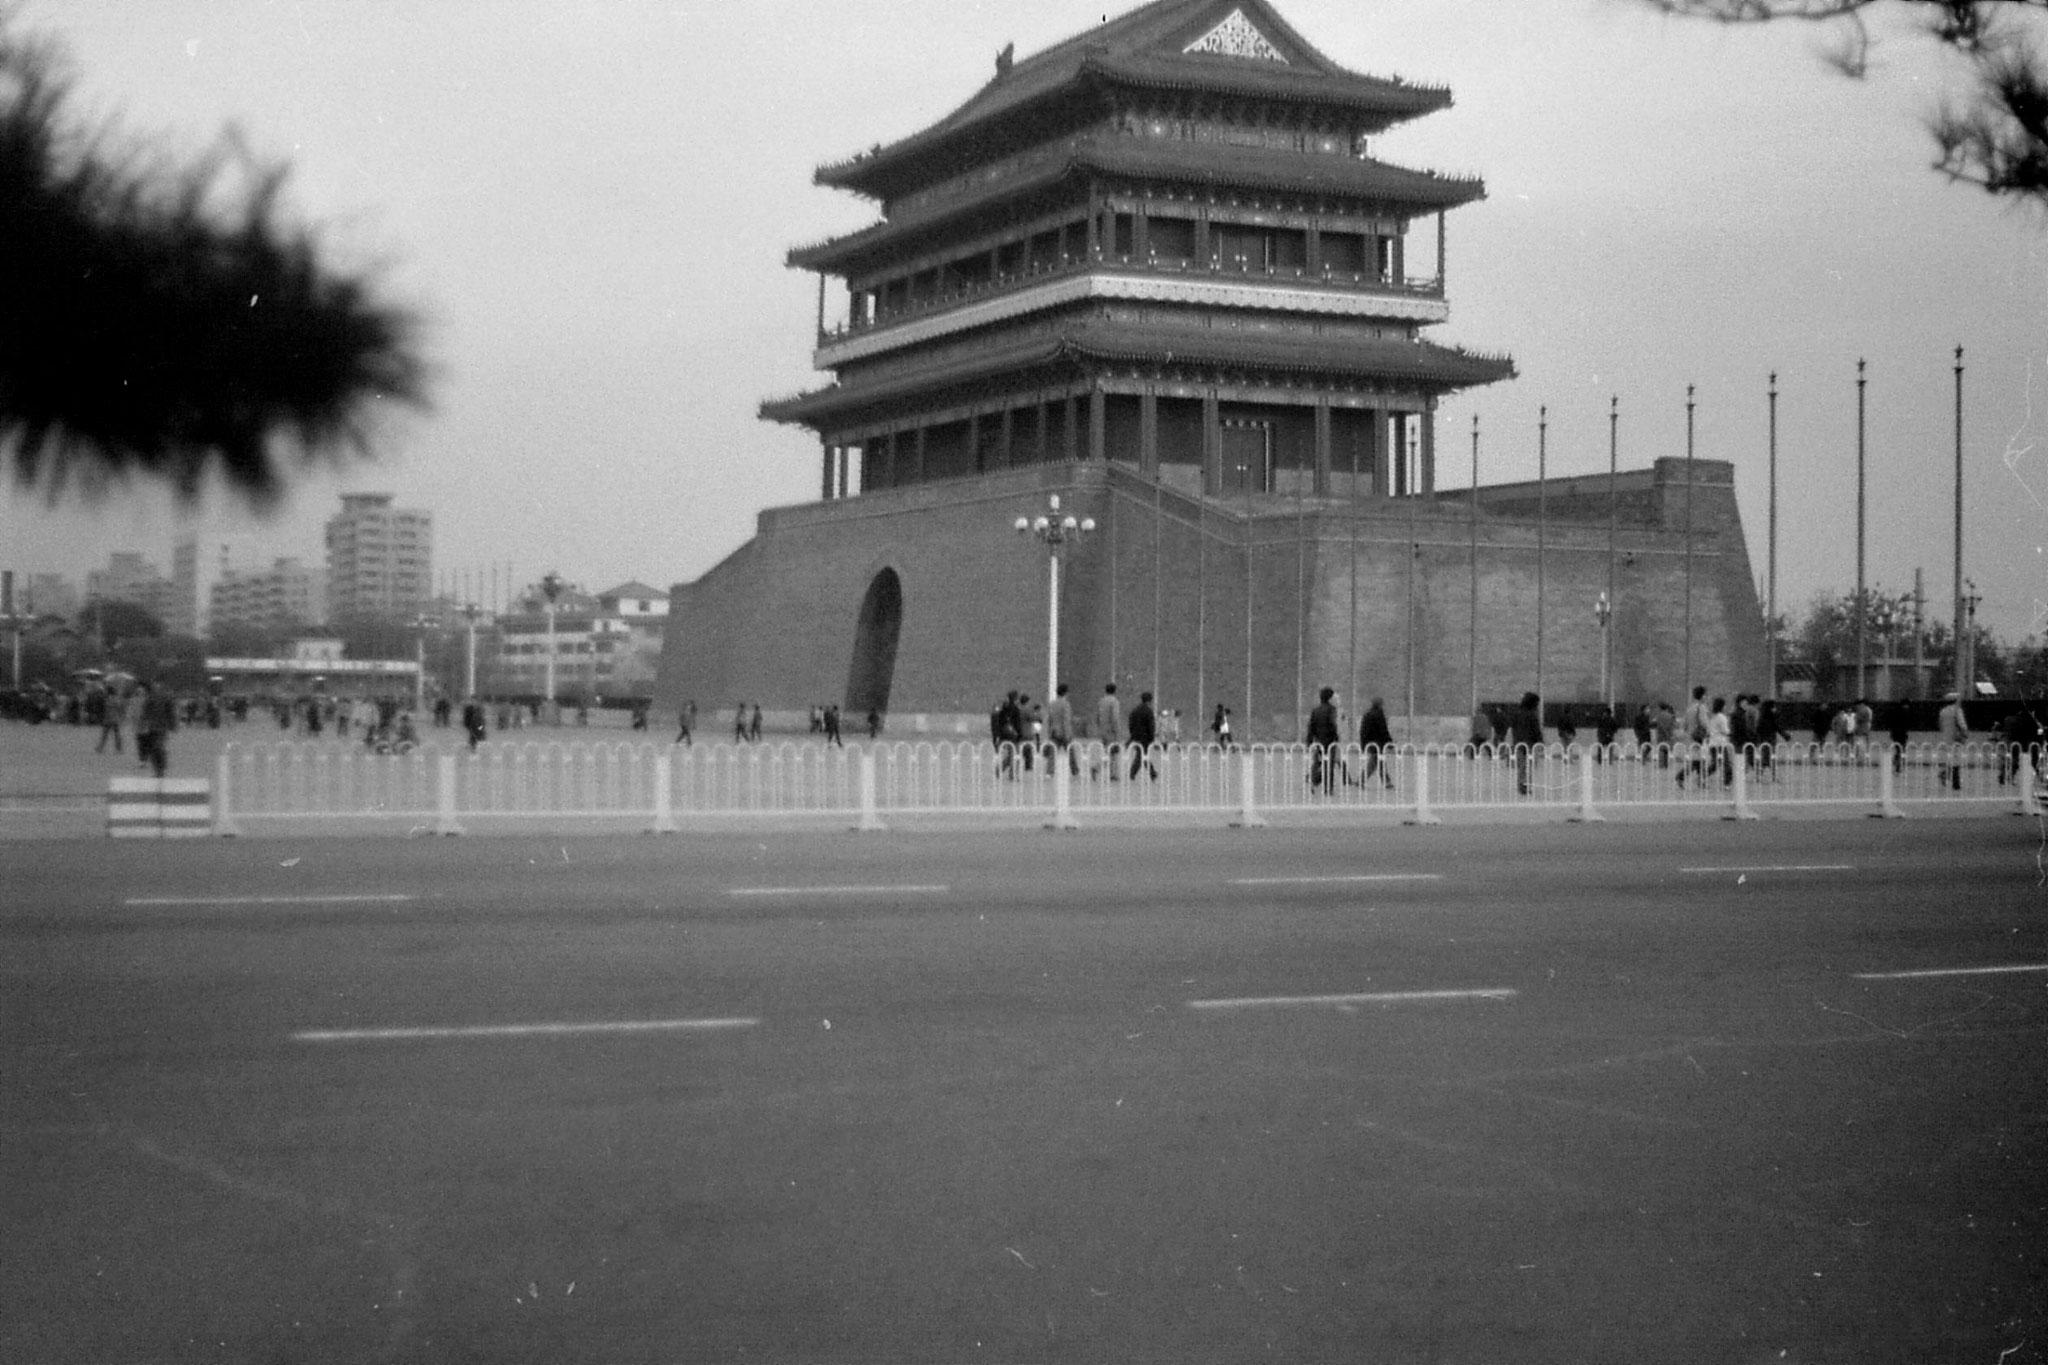 14/11/1988: 23:  Tiananmen Square